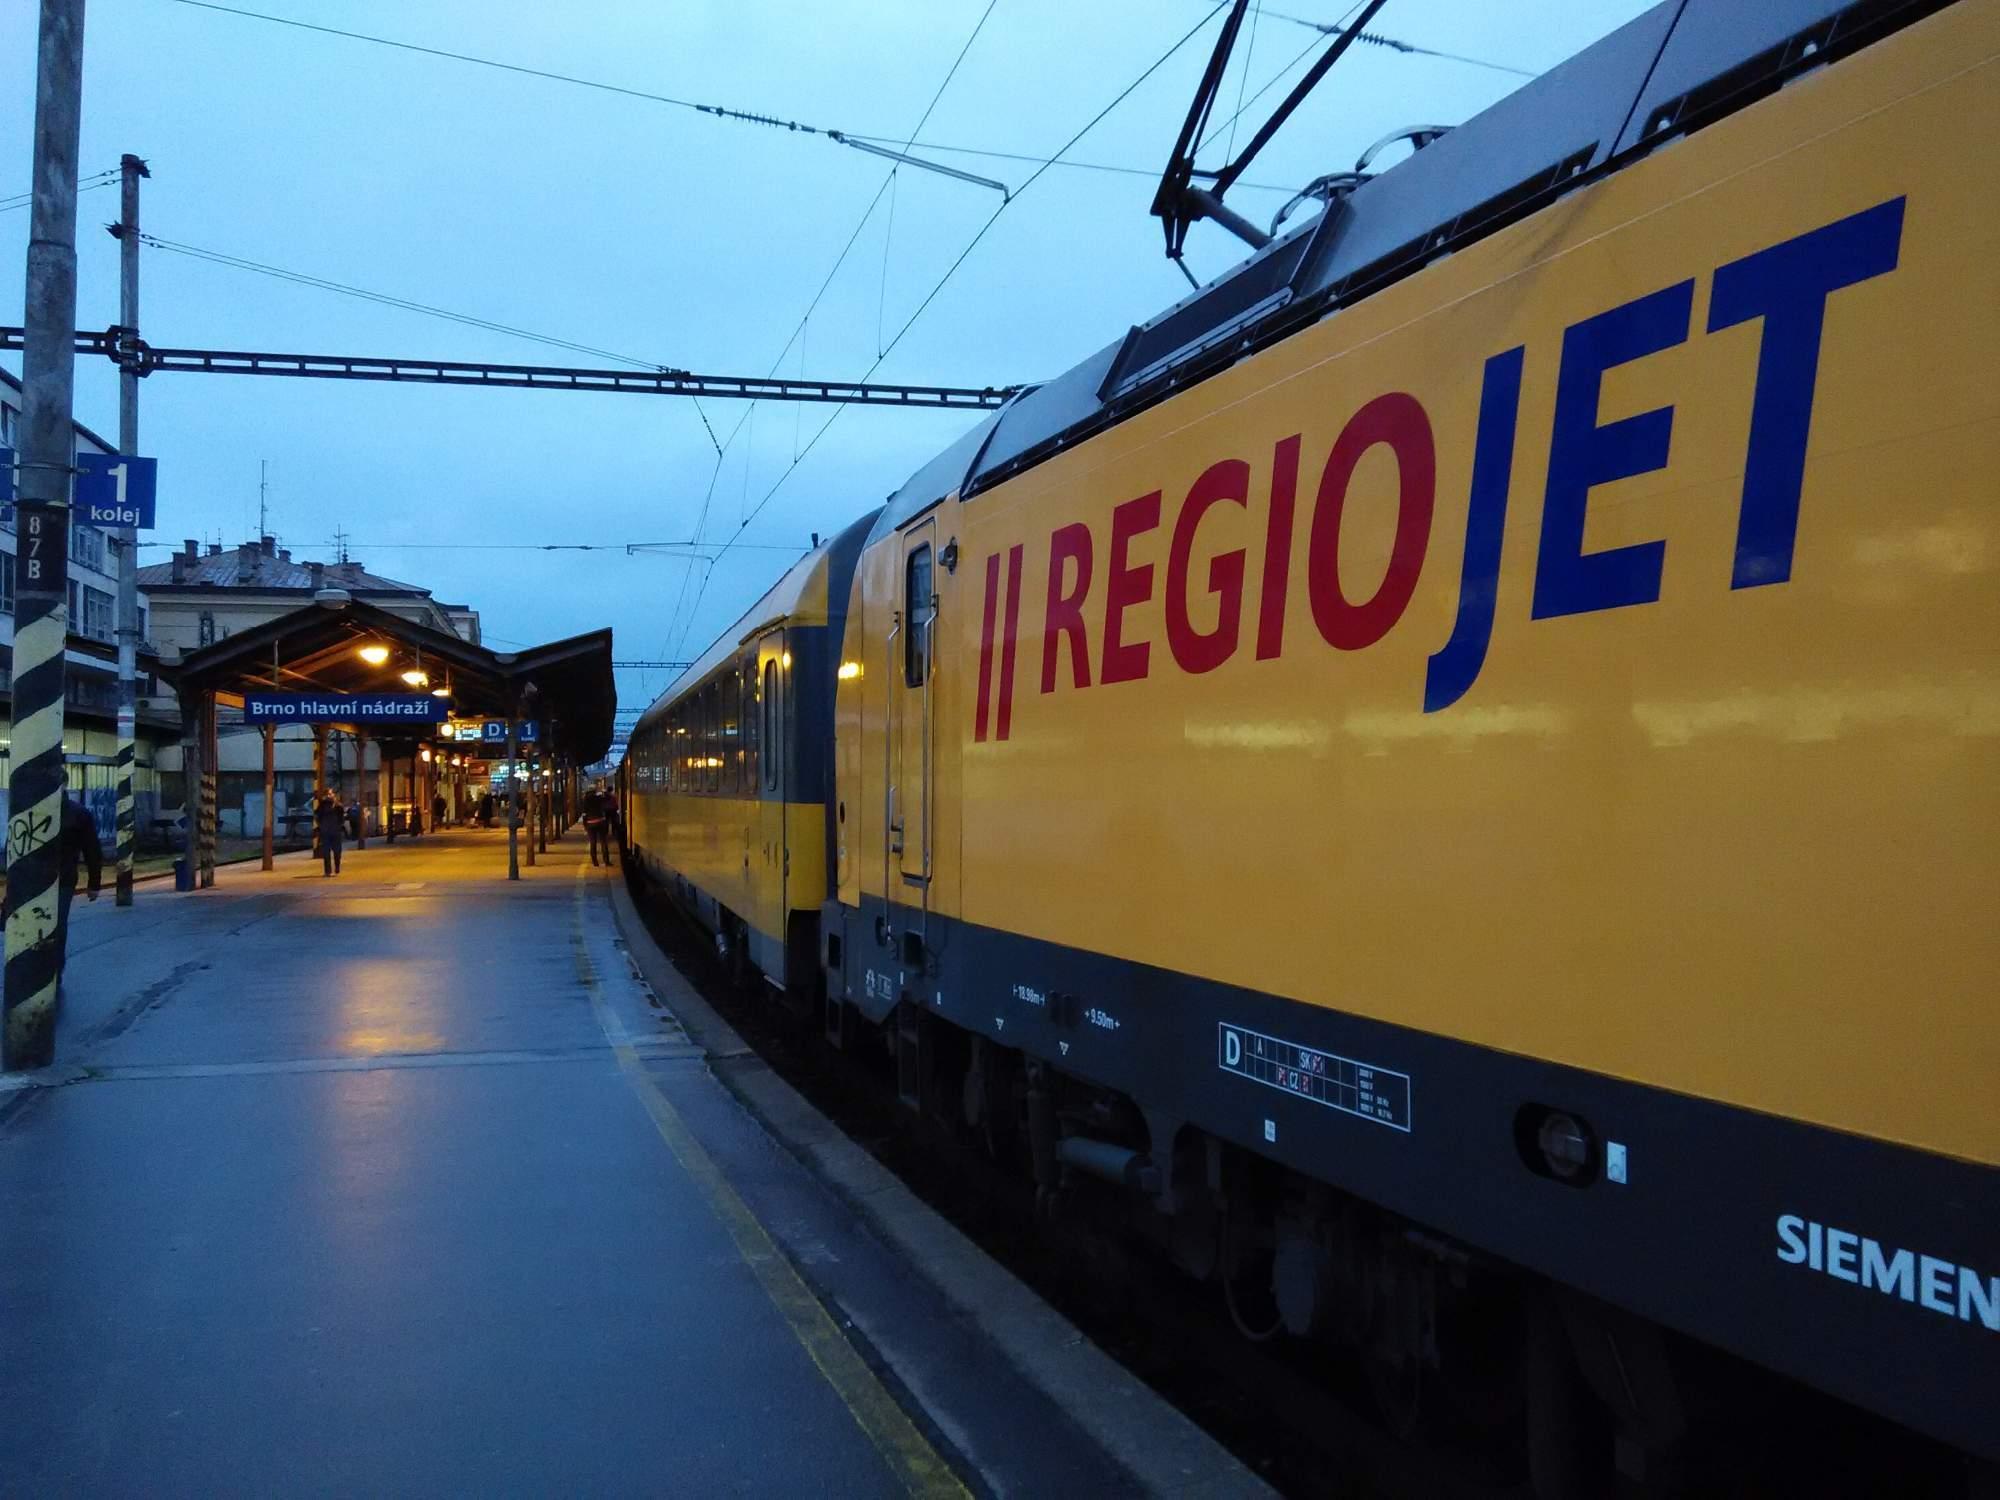 Vlaků společnosti RegioJet od prosince letošního roku přibyde. Ze současných tří pojede z Prahy do jihomoravské metropole sedm vlakových souprav. Foto: Radek Krajči